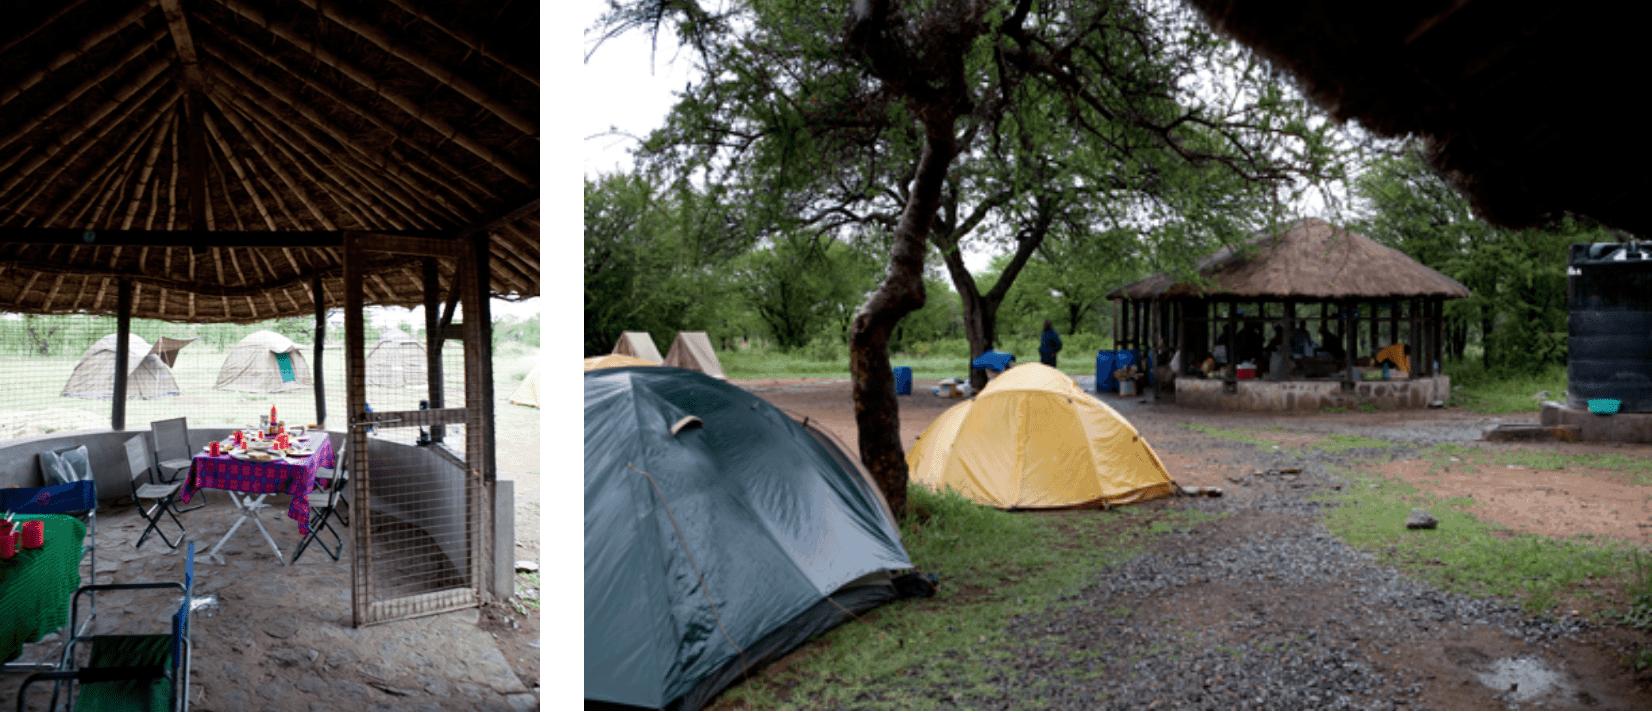 Camping Serengeti Blog